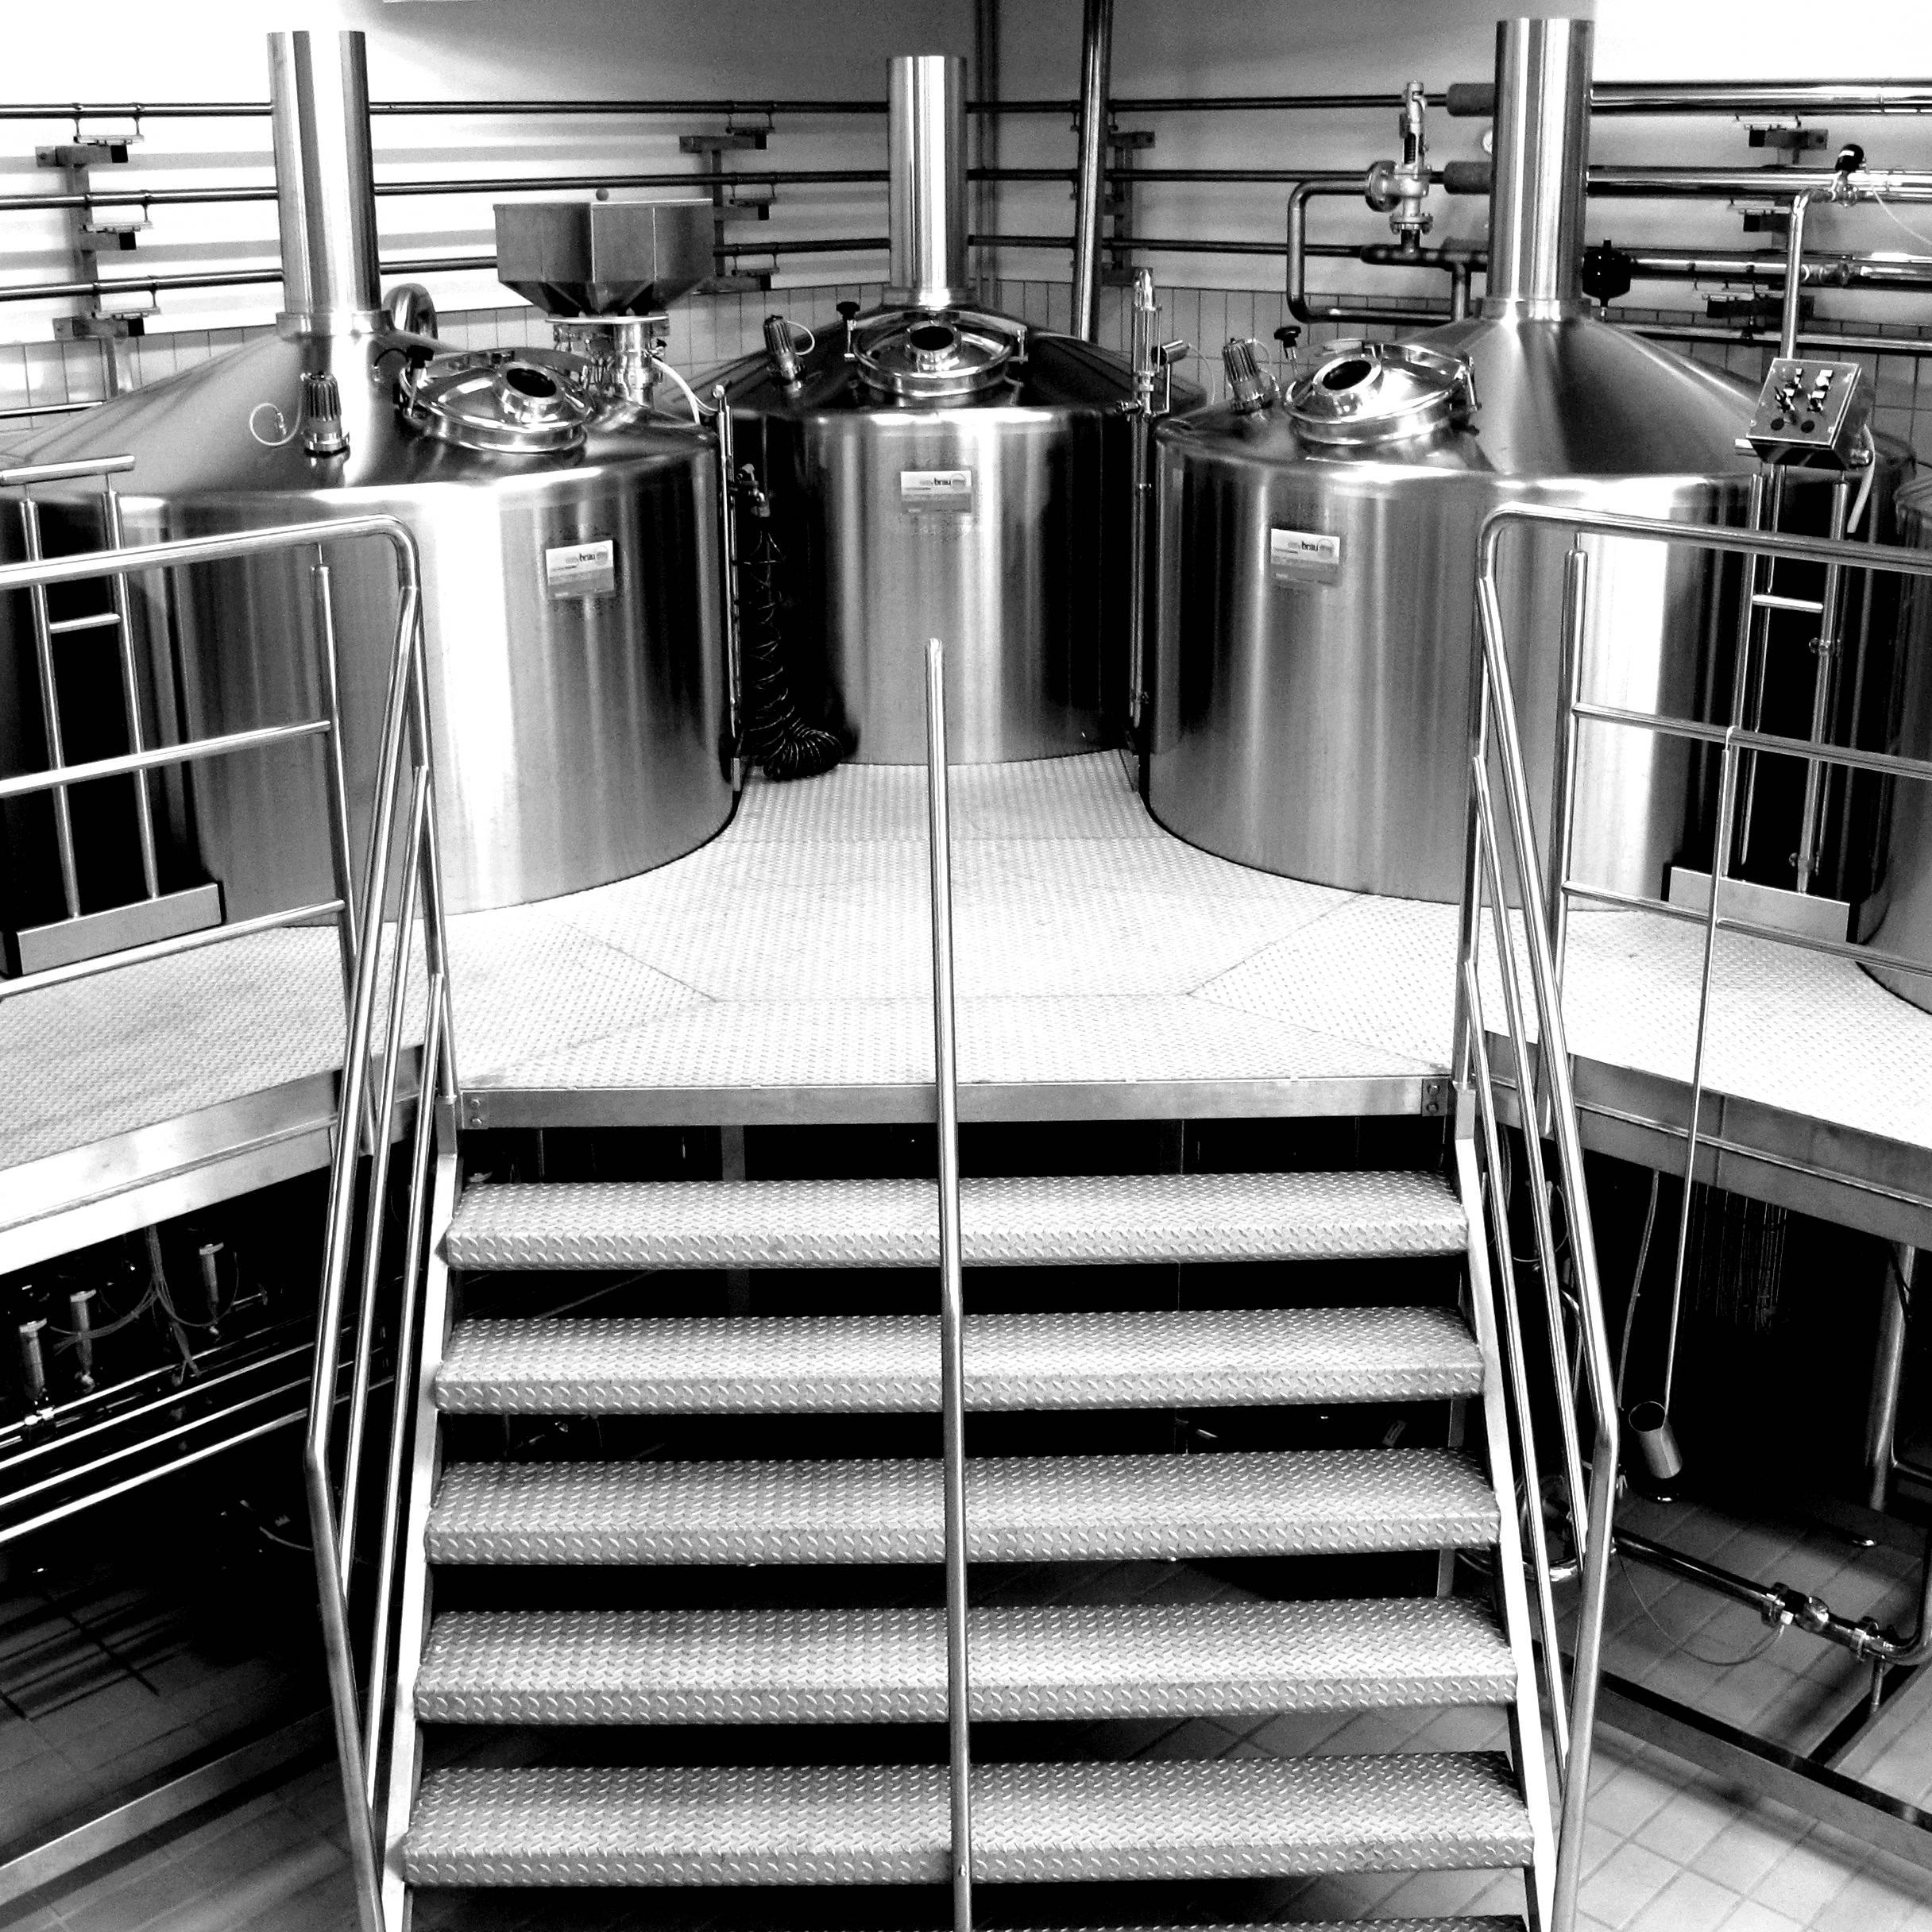 impianti produzione birra artigianale brewpub pic1